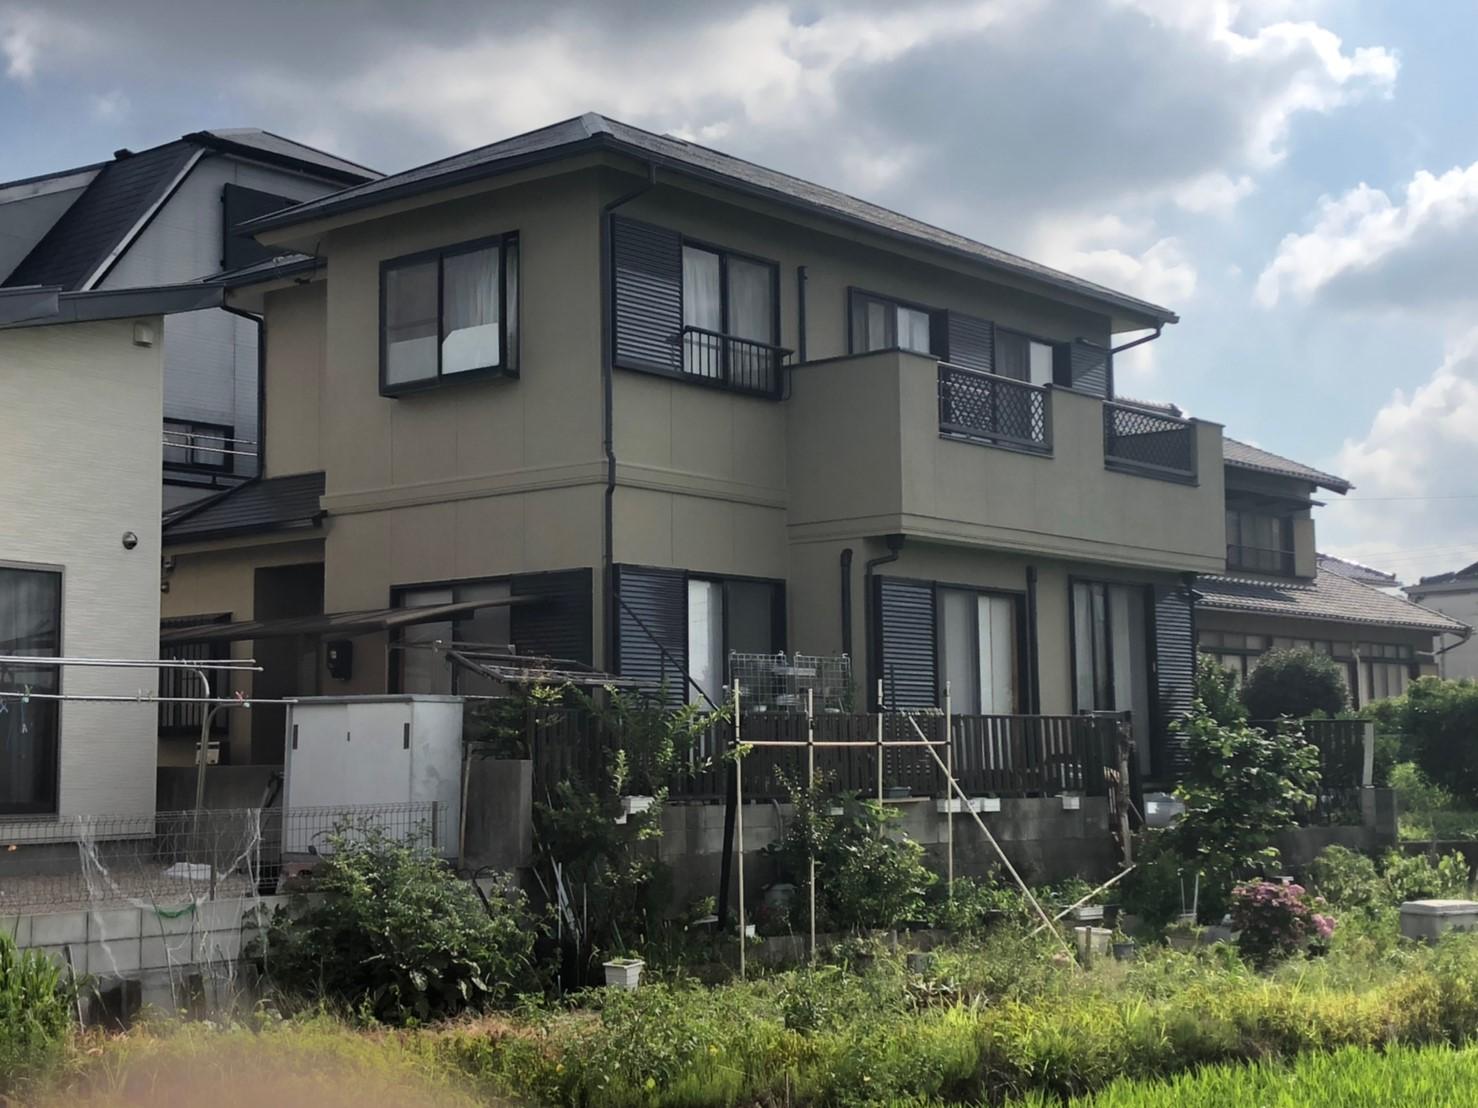 あま市 K様邸 外壁・屋根塗装工事のご紹介をさせていただきます。 築20年。 屋根の色あせが目立...